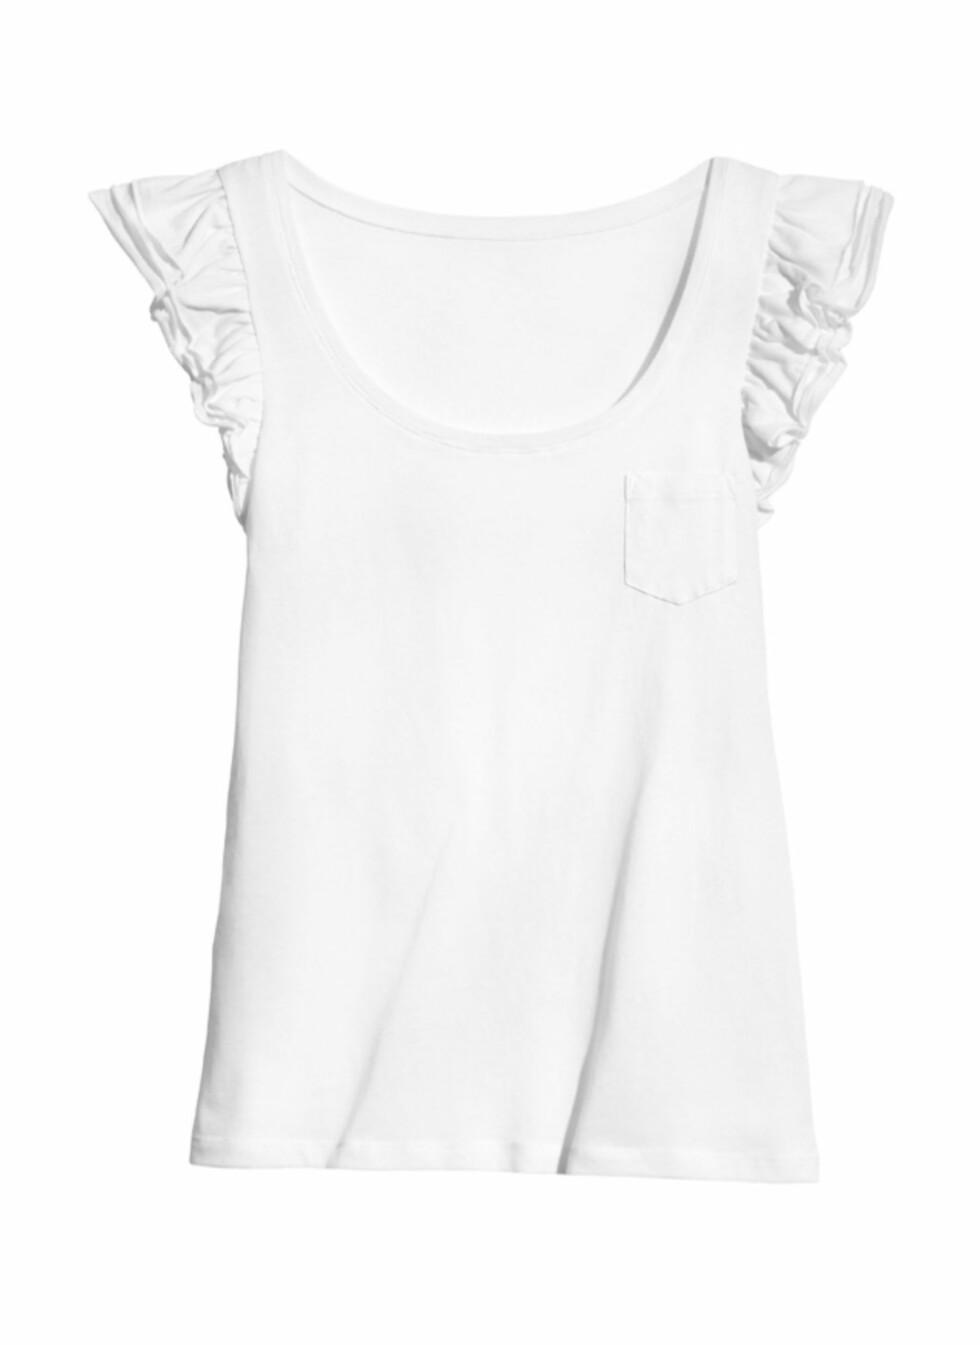 Hvit t-skjorte med rysjeermer (kr.99). Foto: H&M